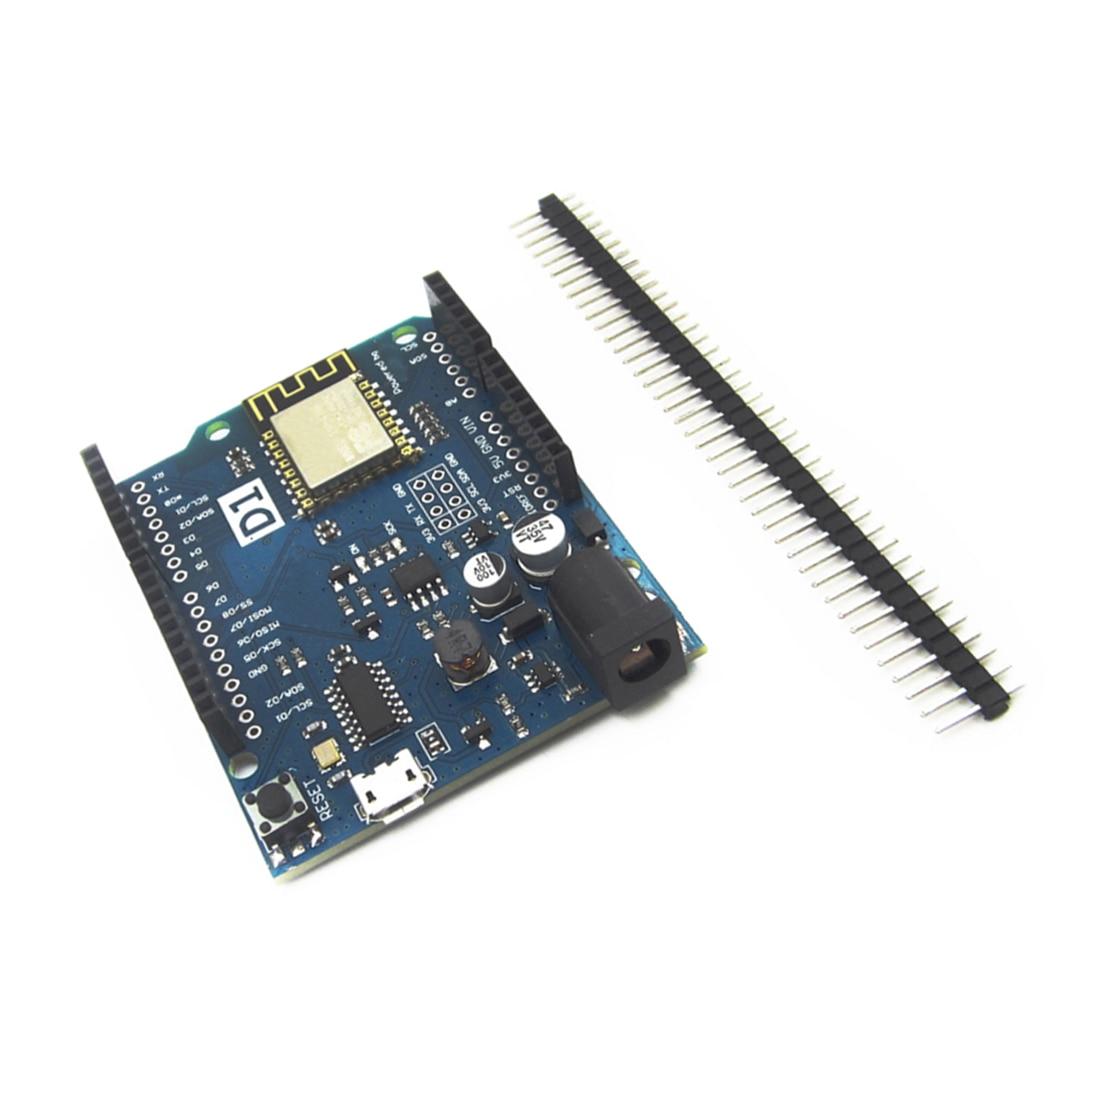 For WeMos D1 R2 WiFi ESP8266 Development Board For Arduino IDE And Arduino Program